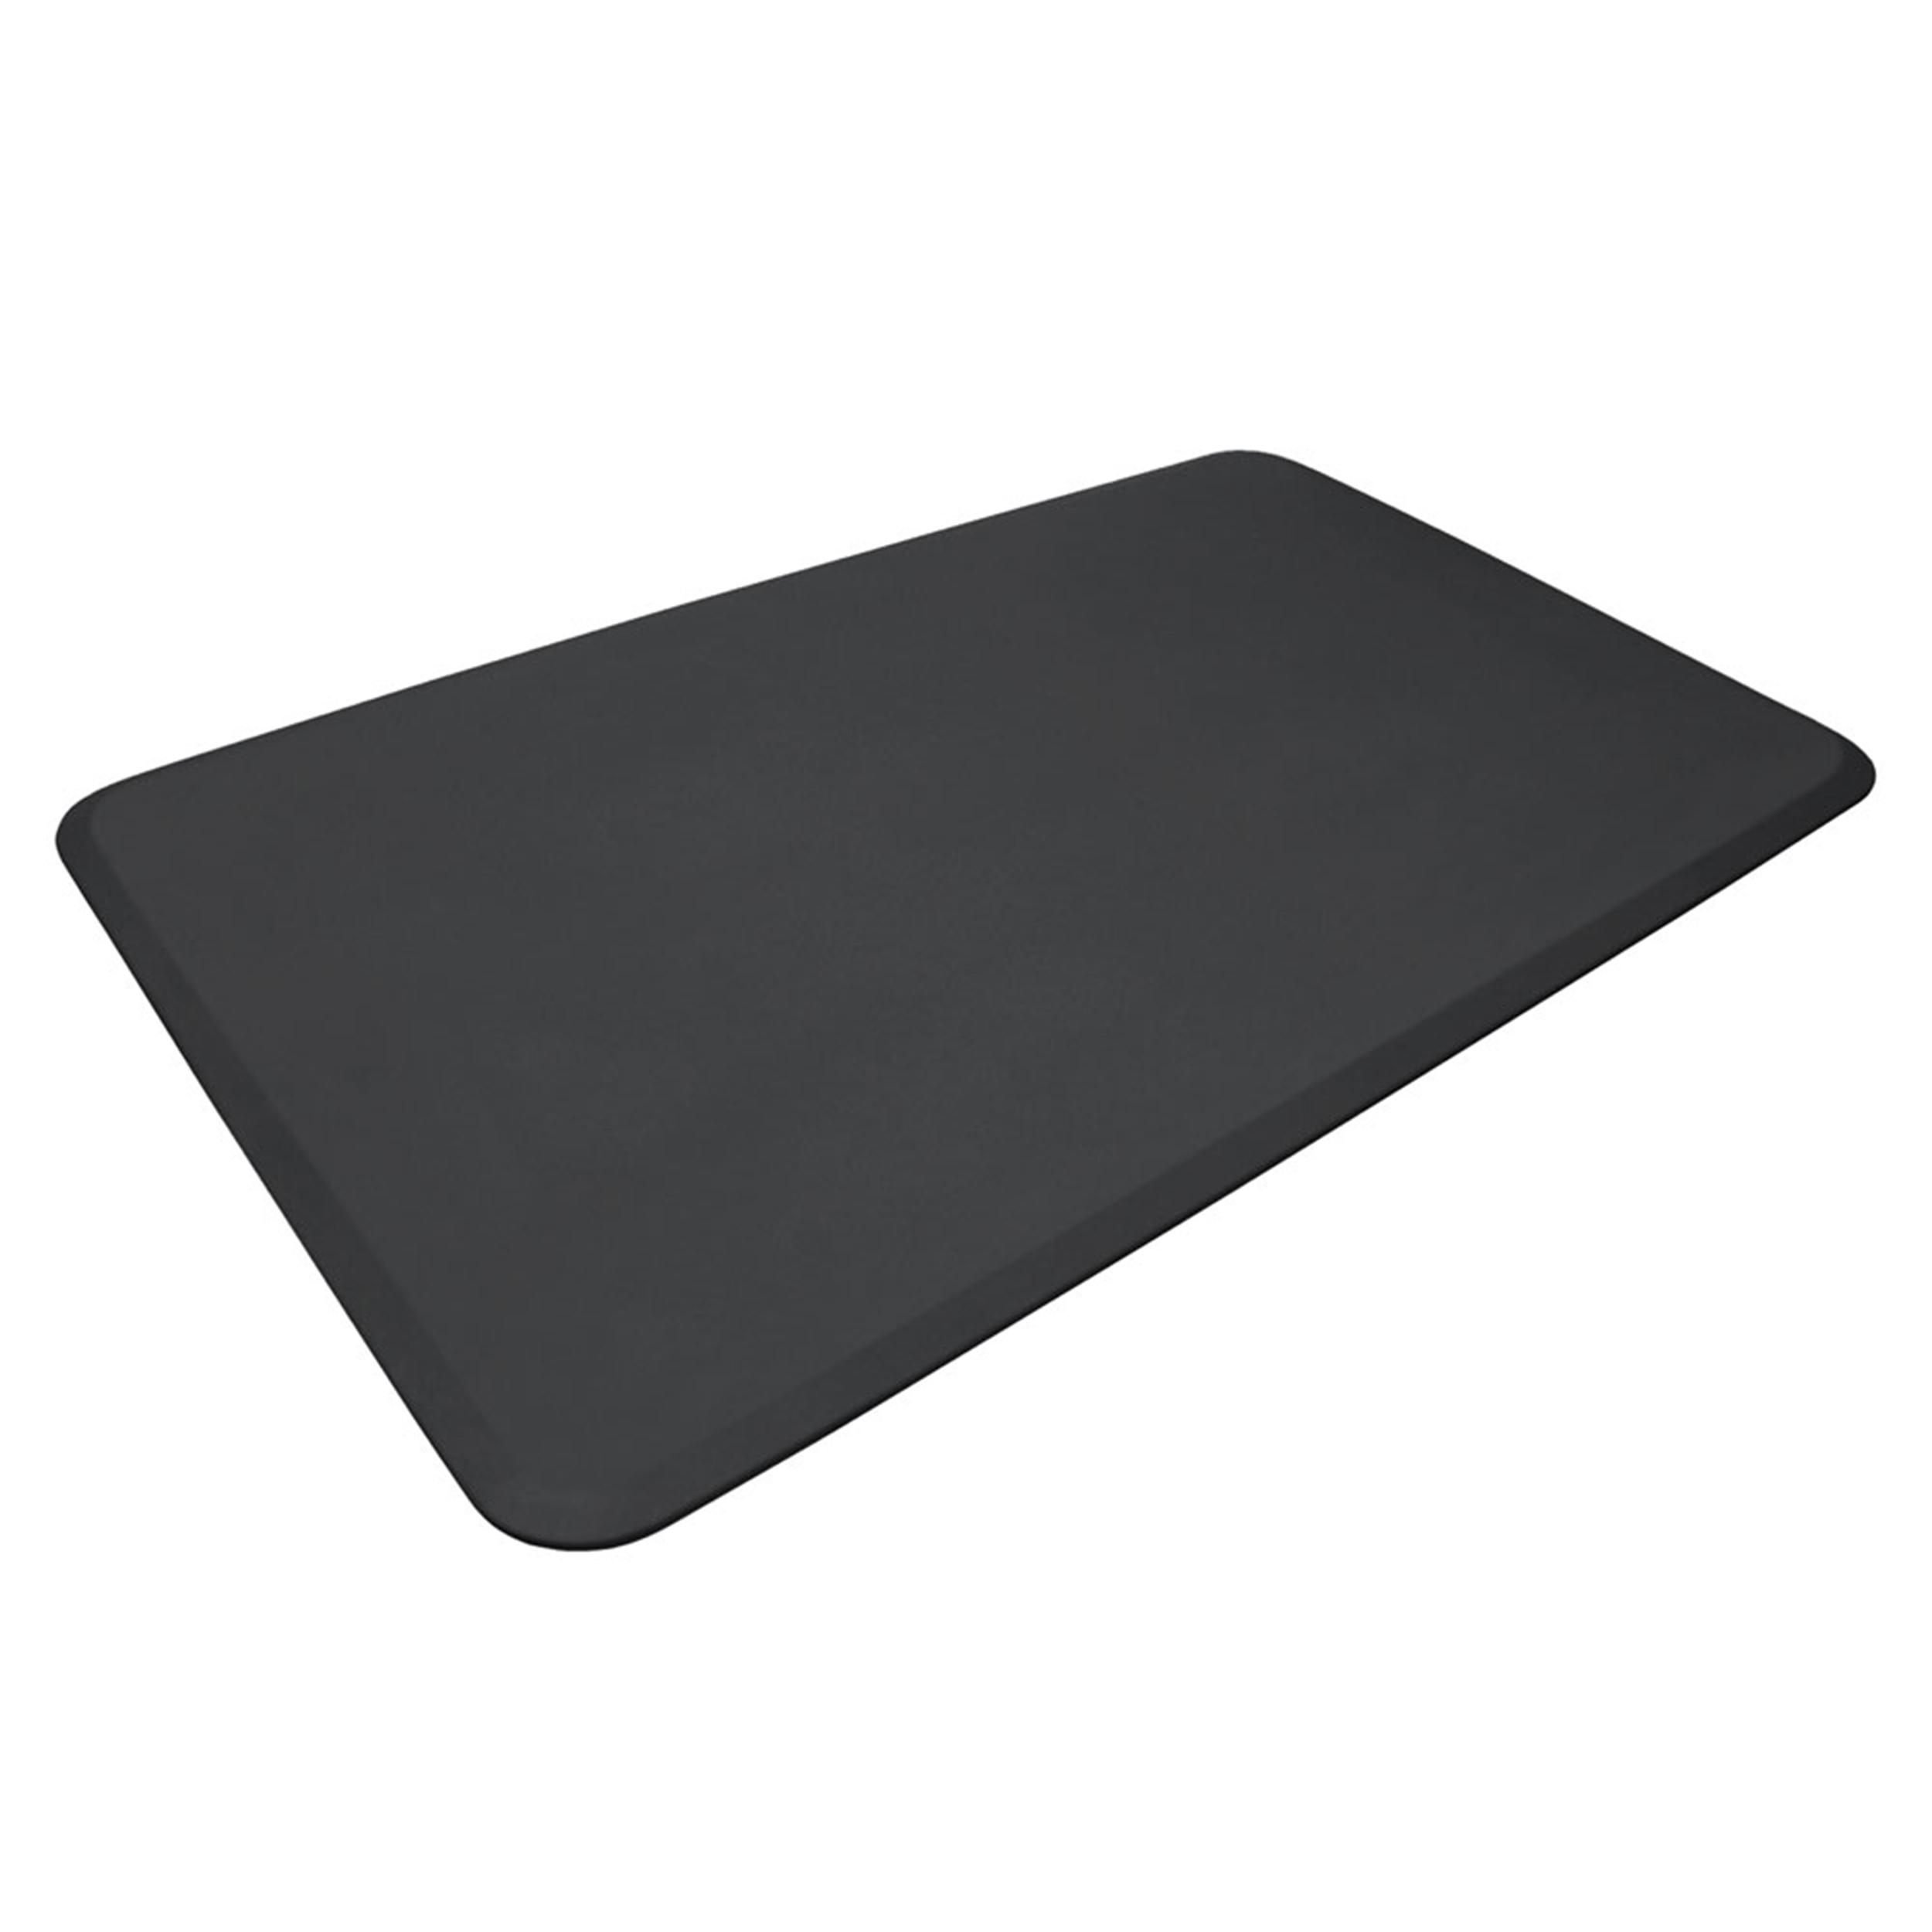 Eco-Pro Commercial Mat, Black, 36